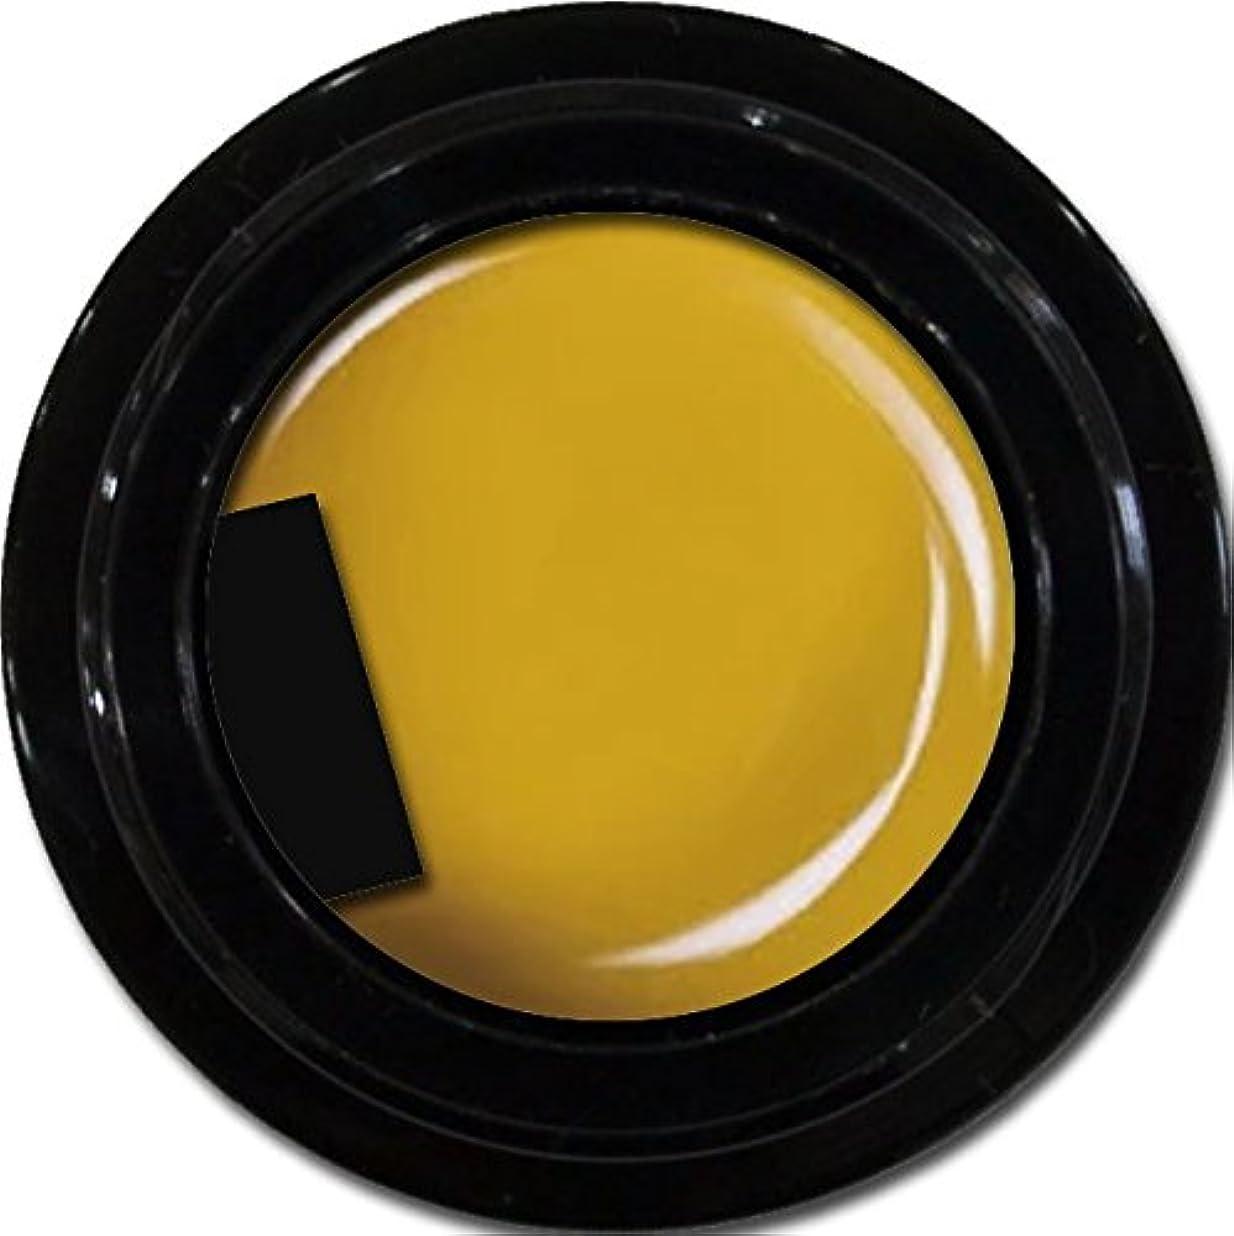 スカーフ疑い者不透明なカラージェル enchant color gel M605 Cameron3g/ マットカラージェル M605キャメロン 3グラム